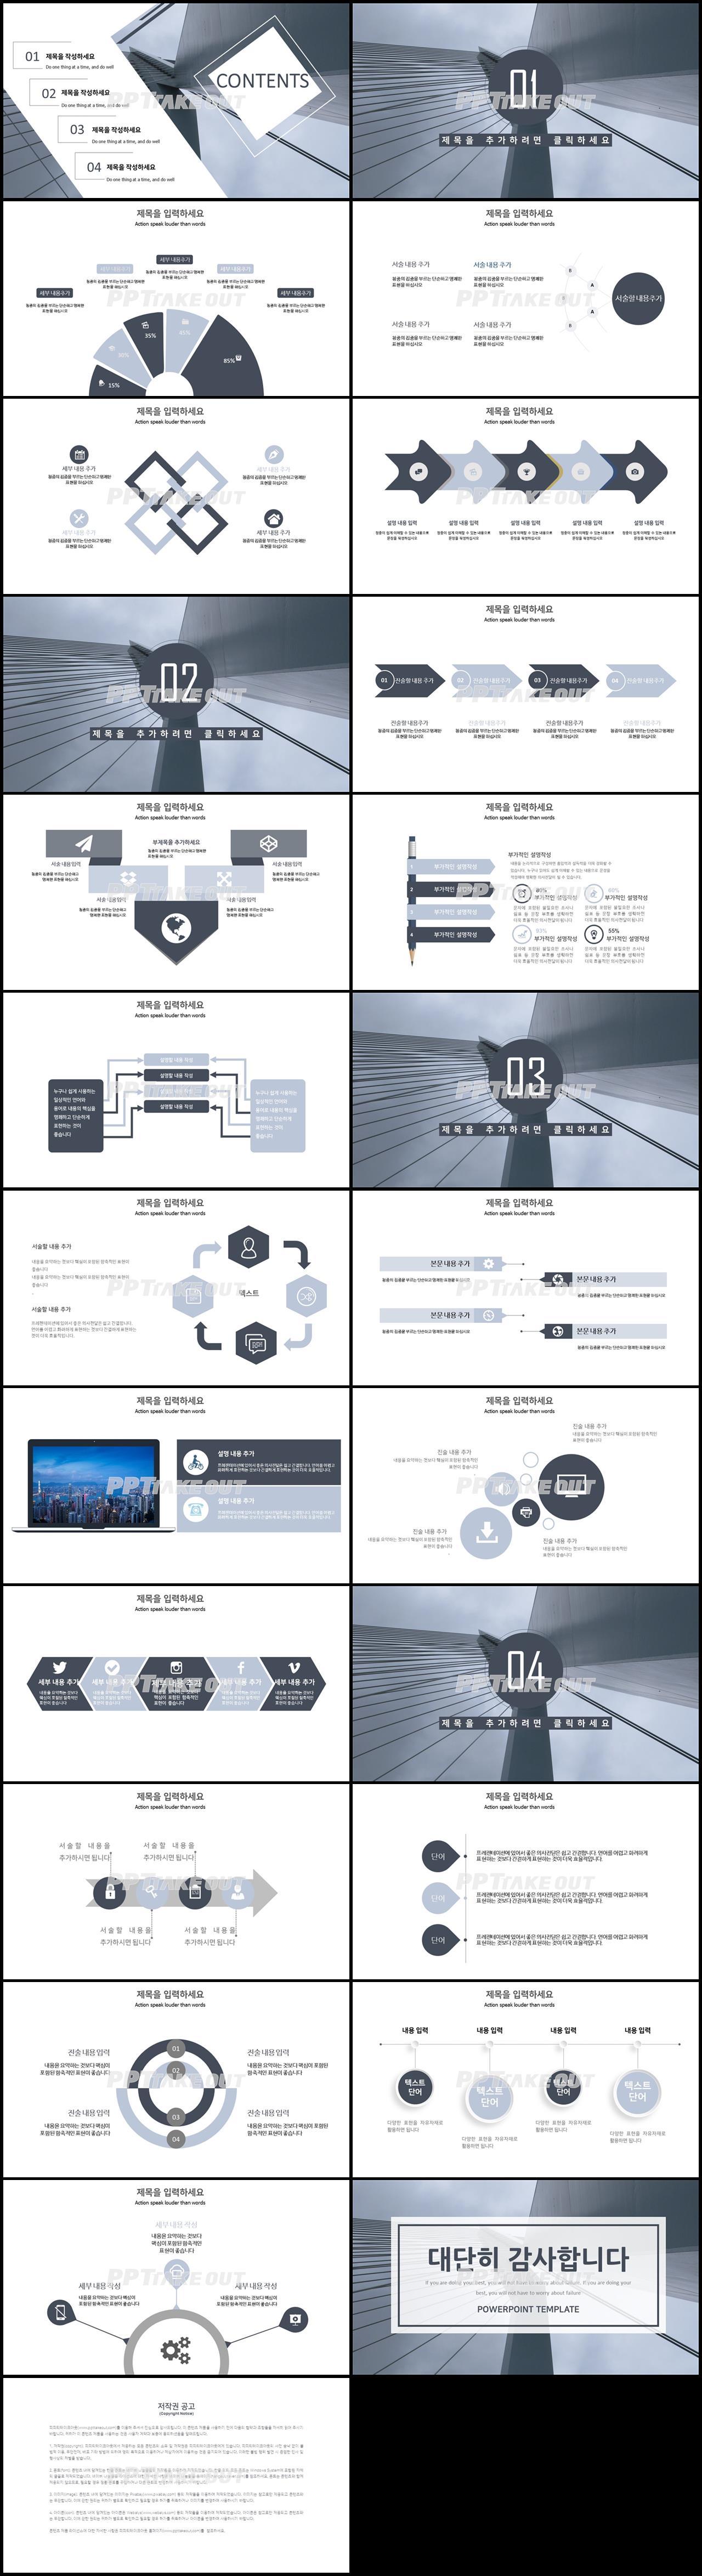 회사소개 그레이 패션느낌 고급형 POWERPOINT템플릿 디자인 상세보기